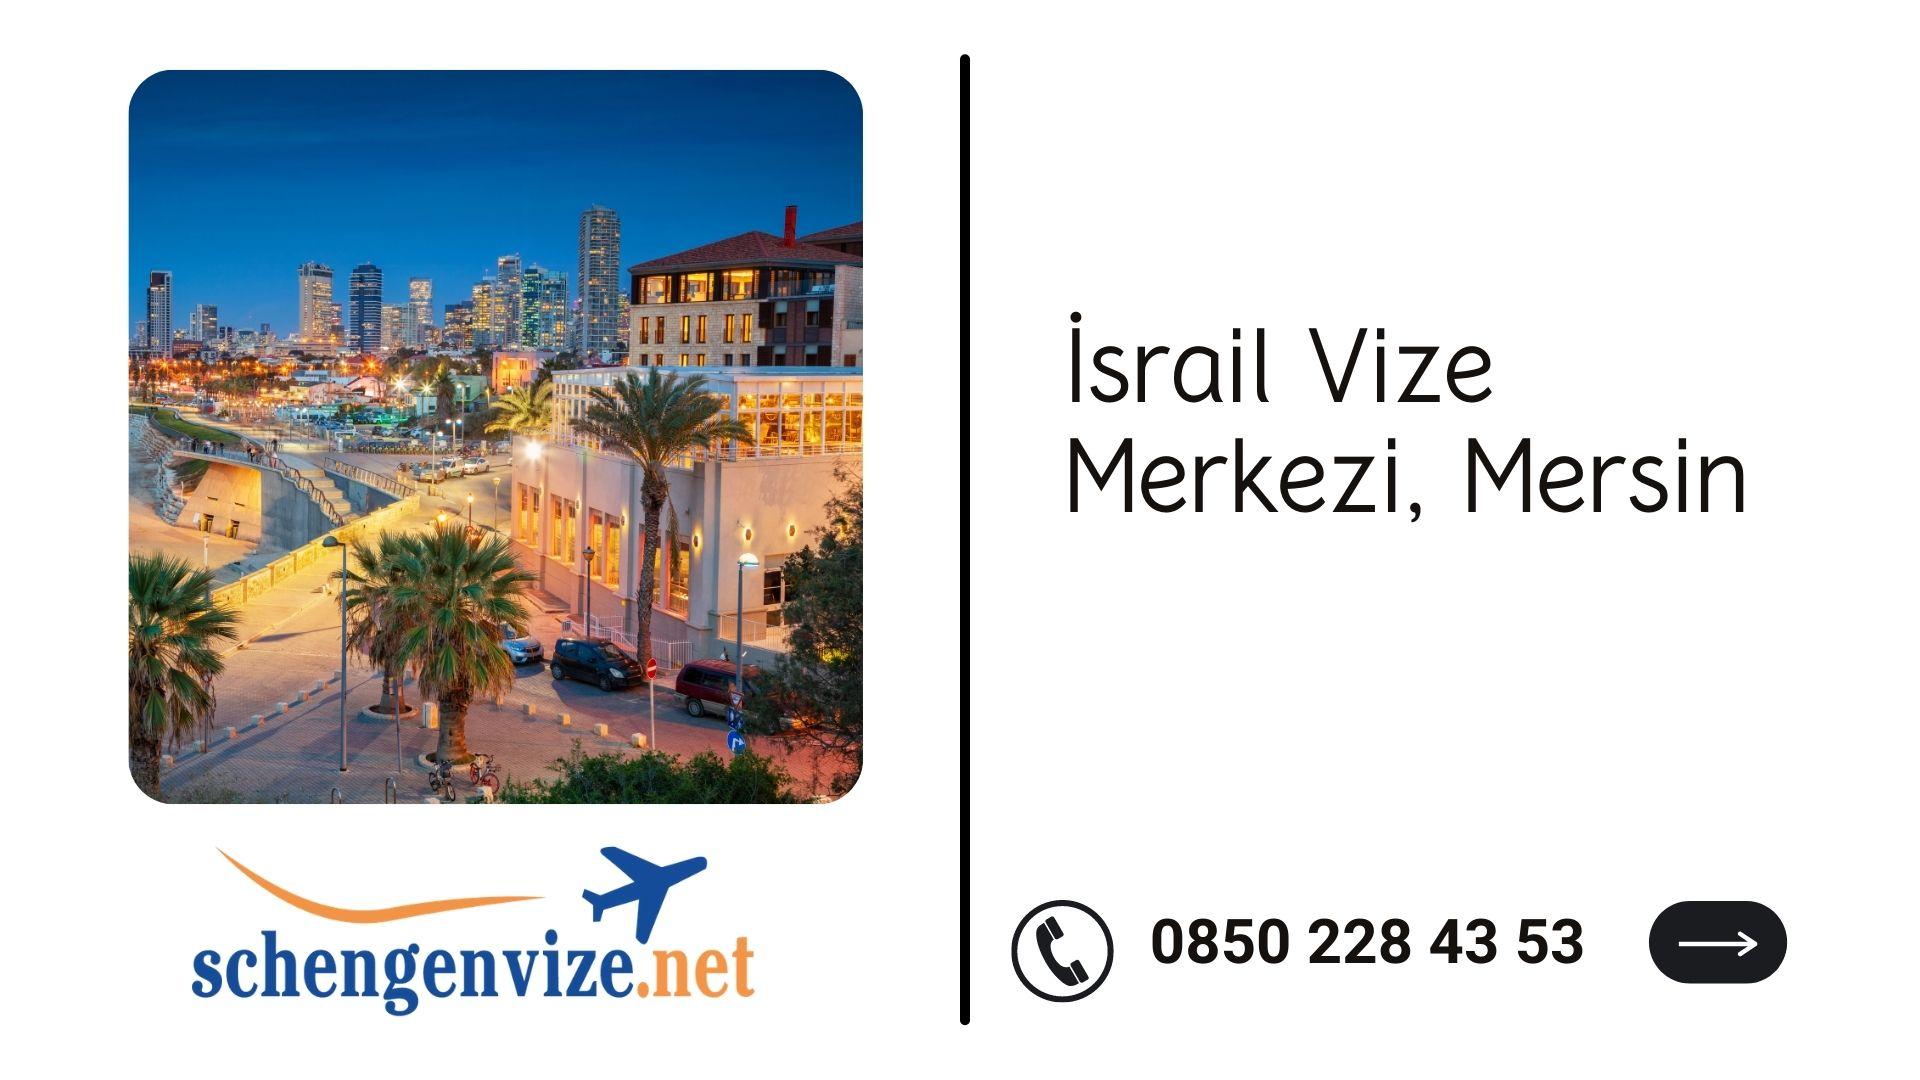 İsrail Vize Merkezi, Mersin